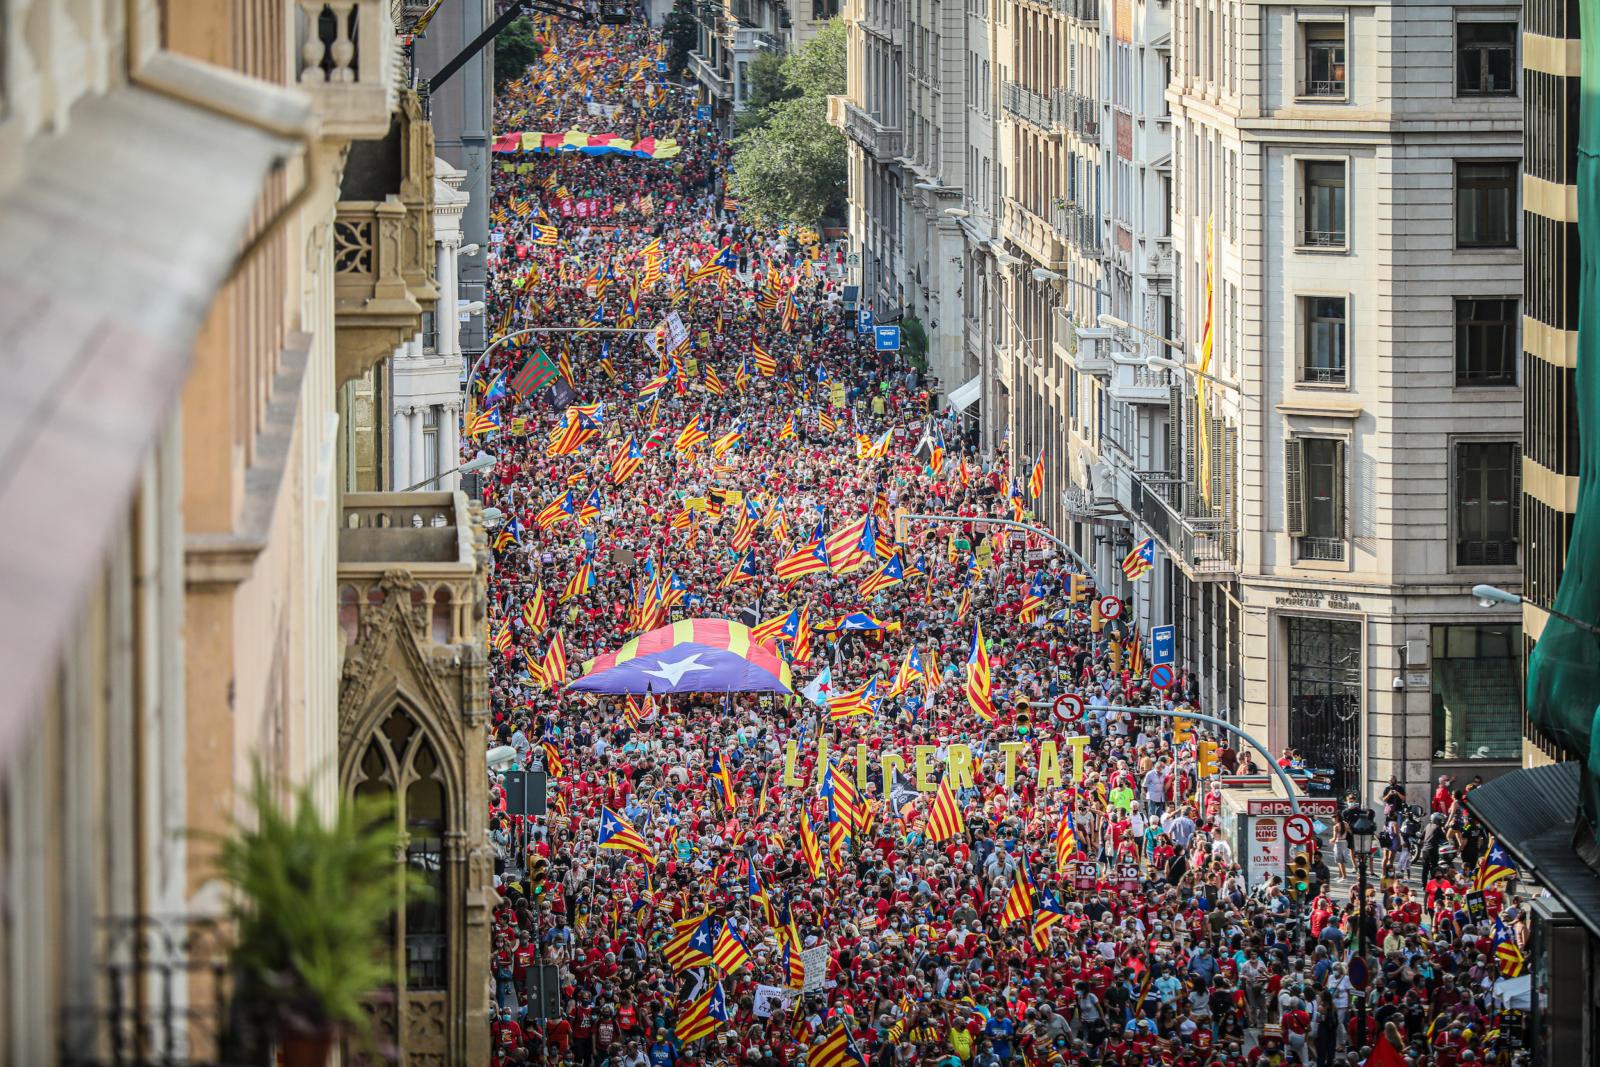 La manifestació de la Diada 2021, a la Via Laietana, a vista d'ocell / Jordi Borràs